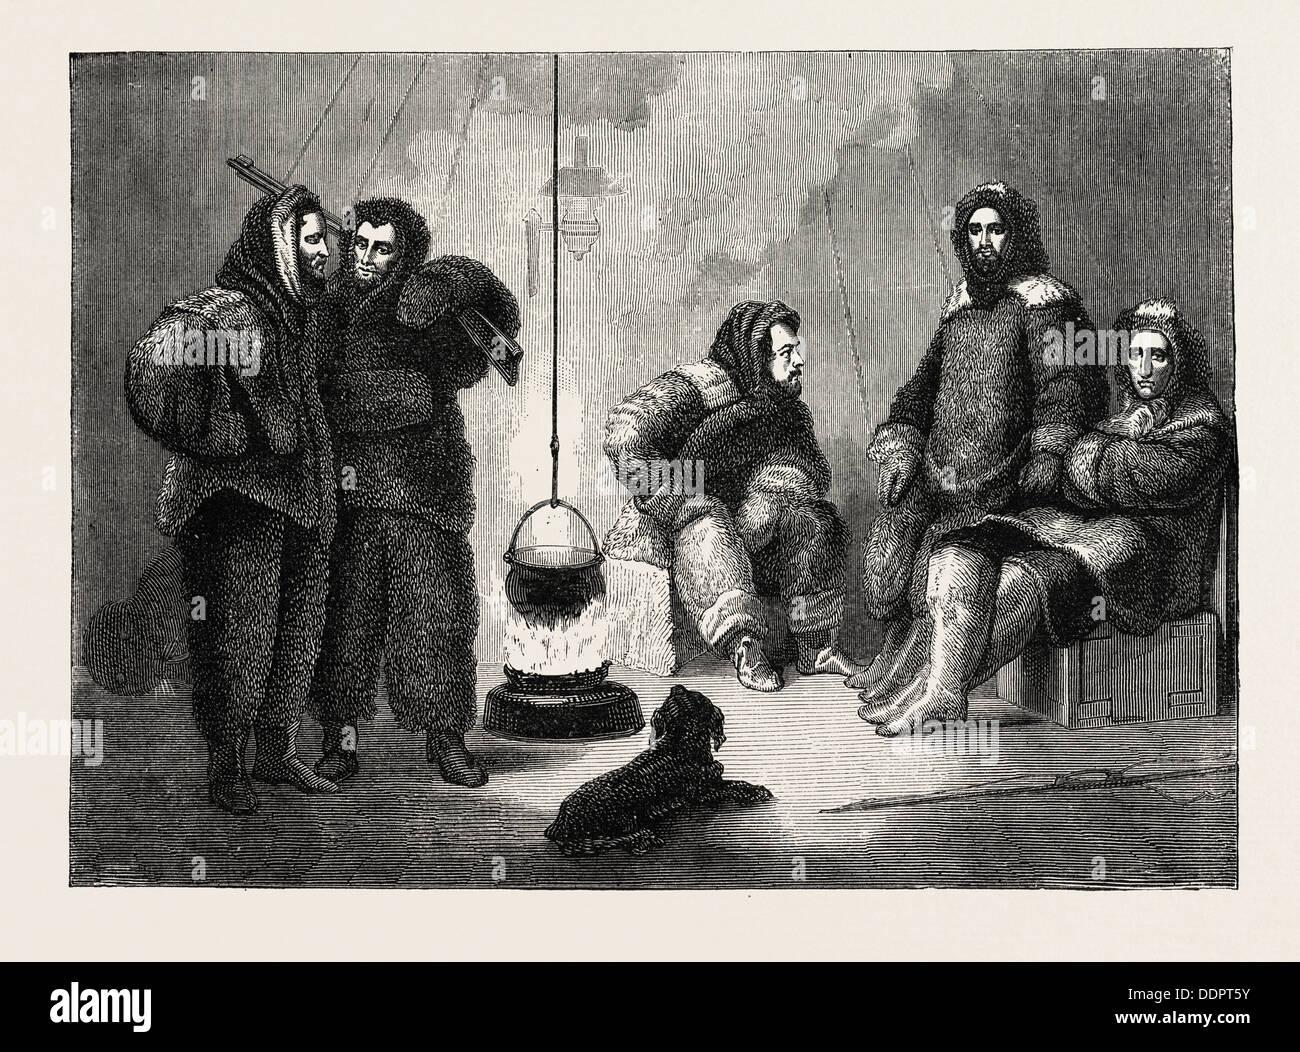 KANE Y SUS COMPAÑEROS en su buque, 1870 grabado Imagen De Stock